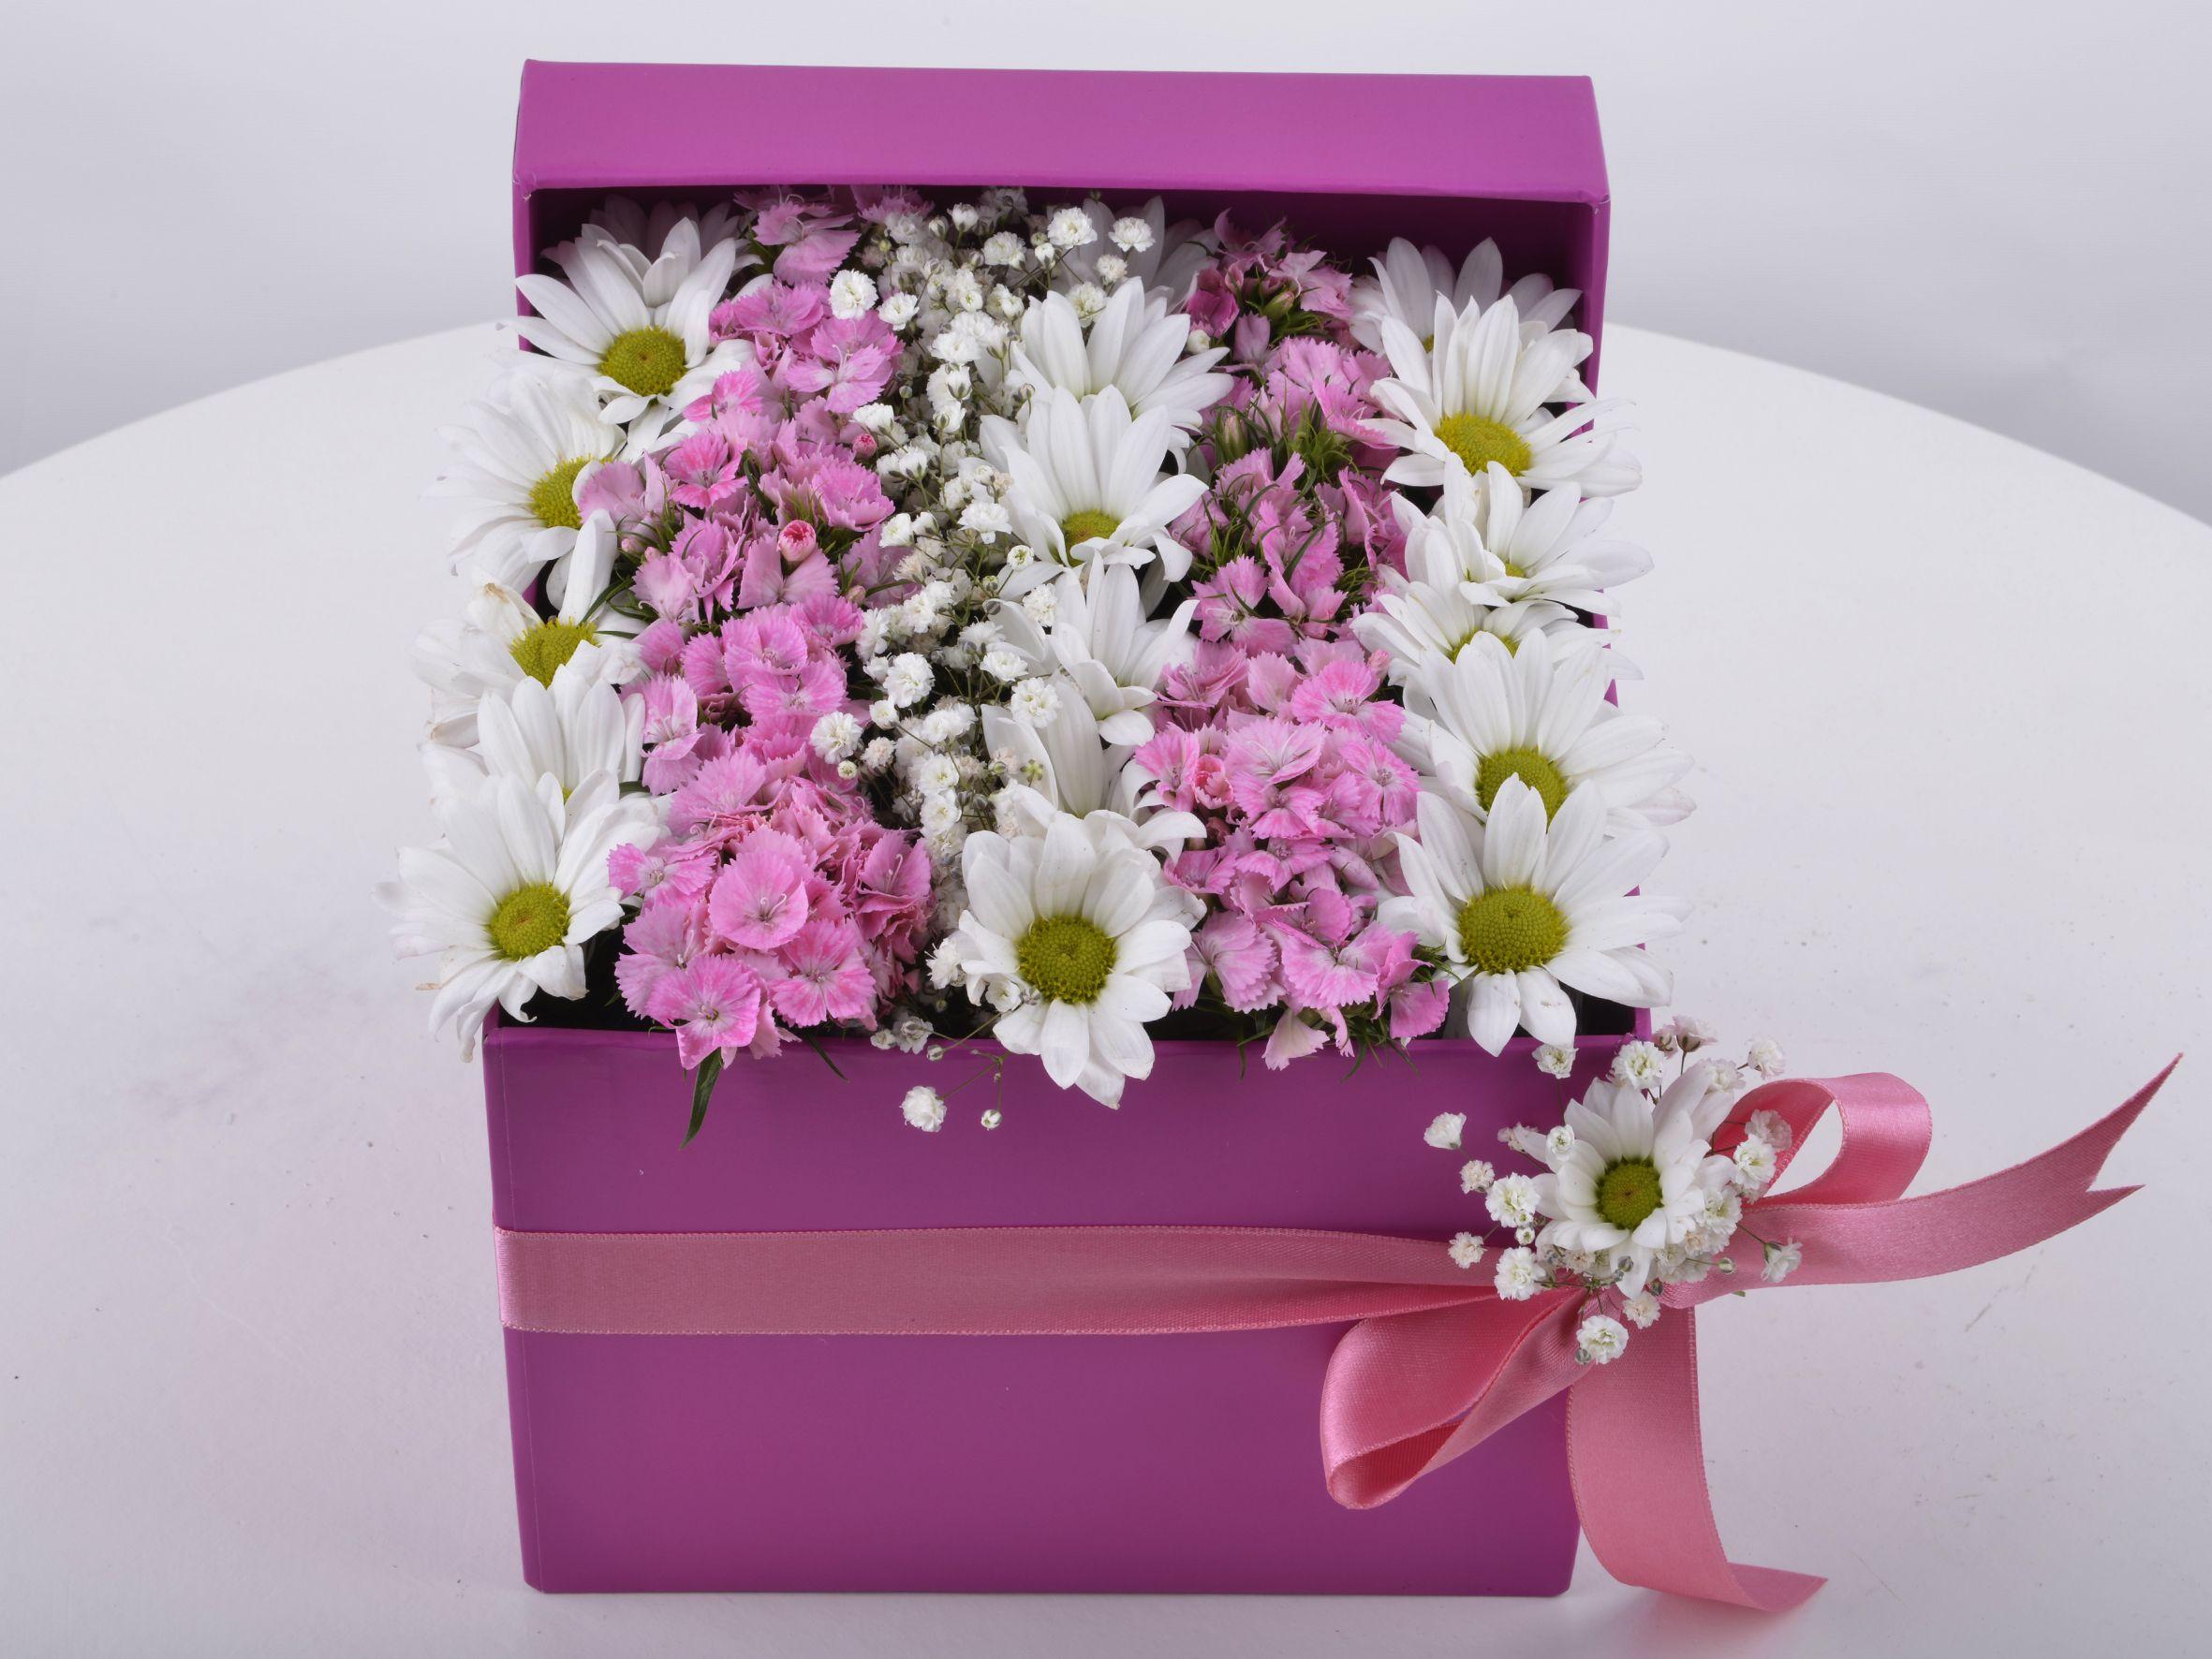 Özel Kutuda Baharın Gelişi Kır Çiçeği Arajmanı. Kutuda Aranjmanlar çiçek gönder